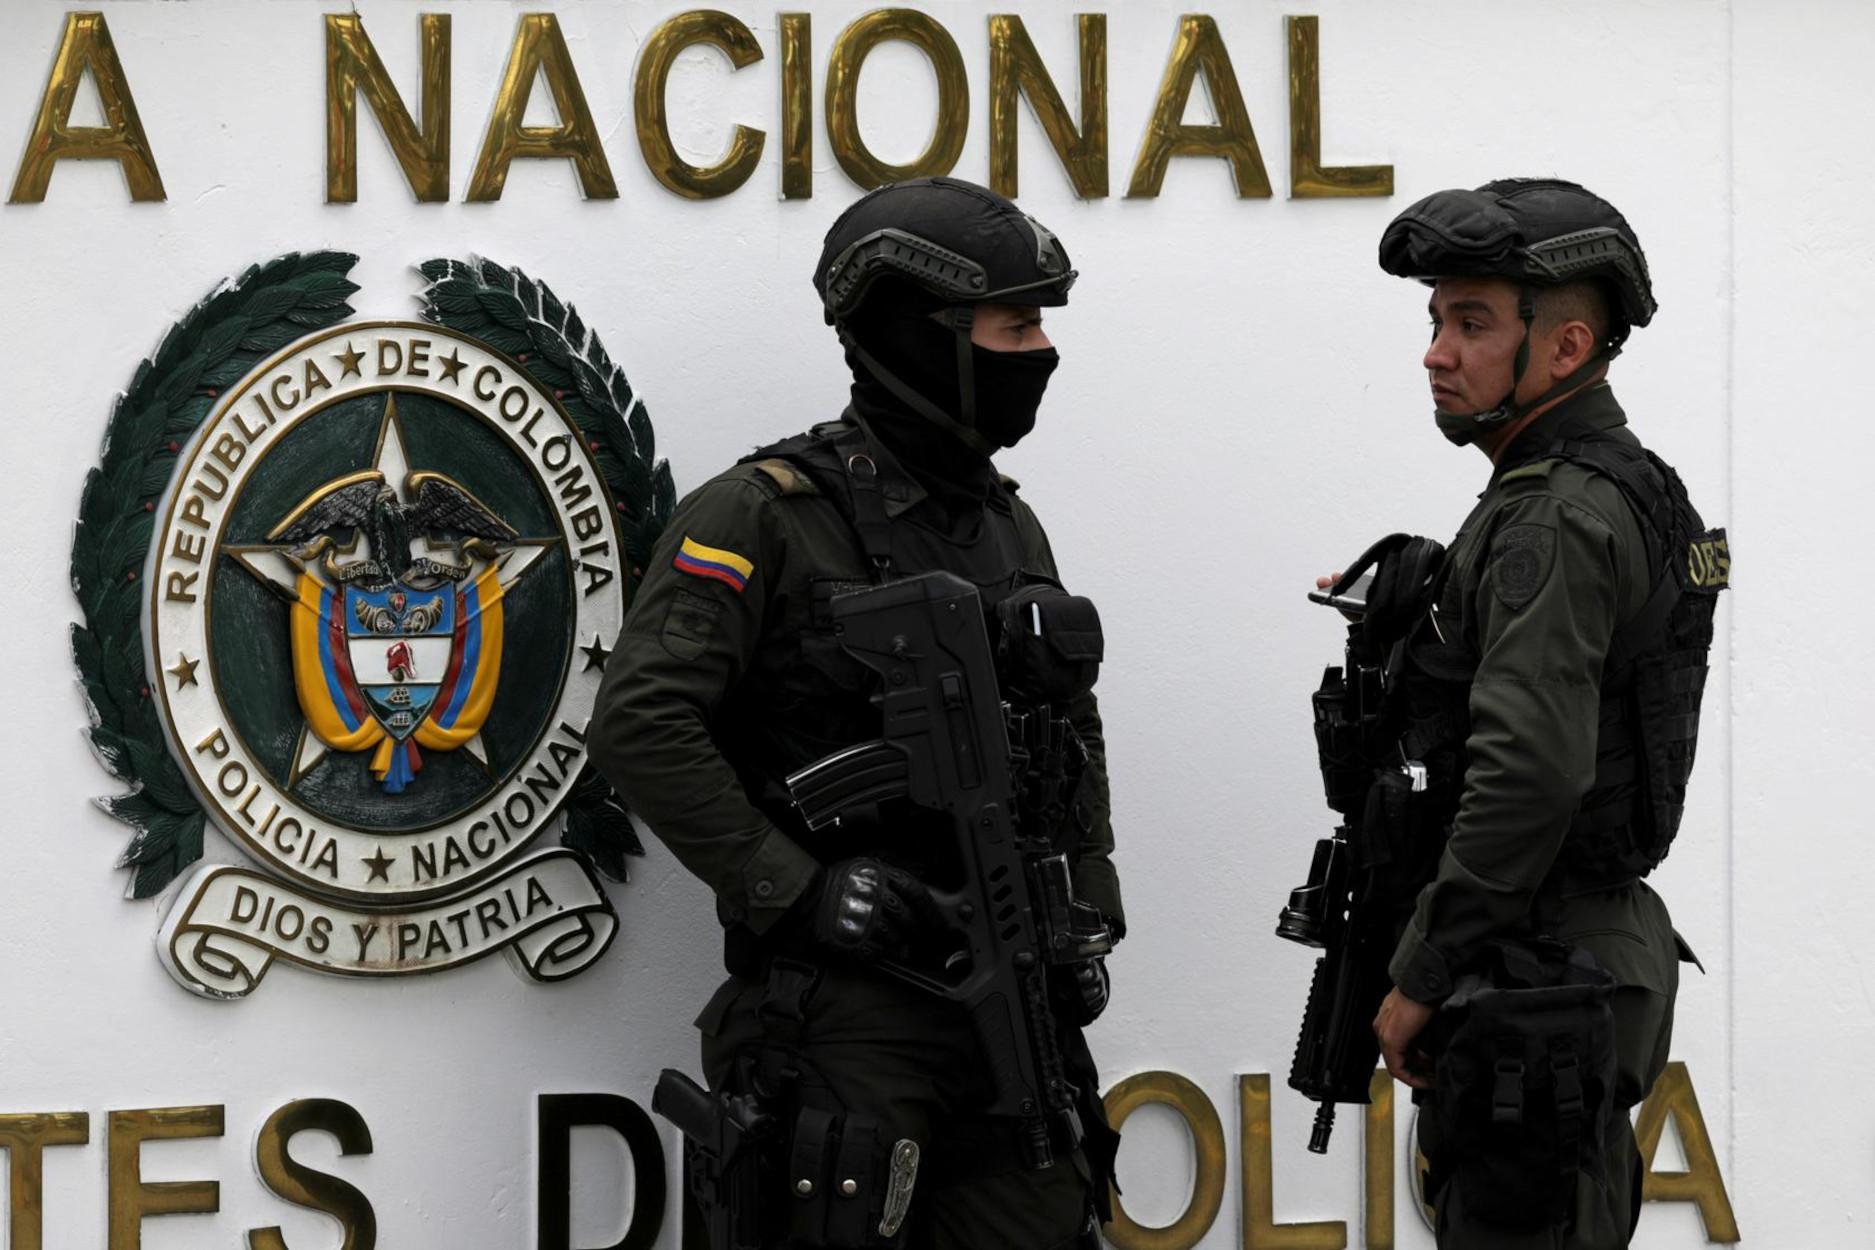 Κολομβία: Δολοφονήθηκε δημοσιογράφος που δεχόταν απειλές